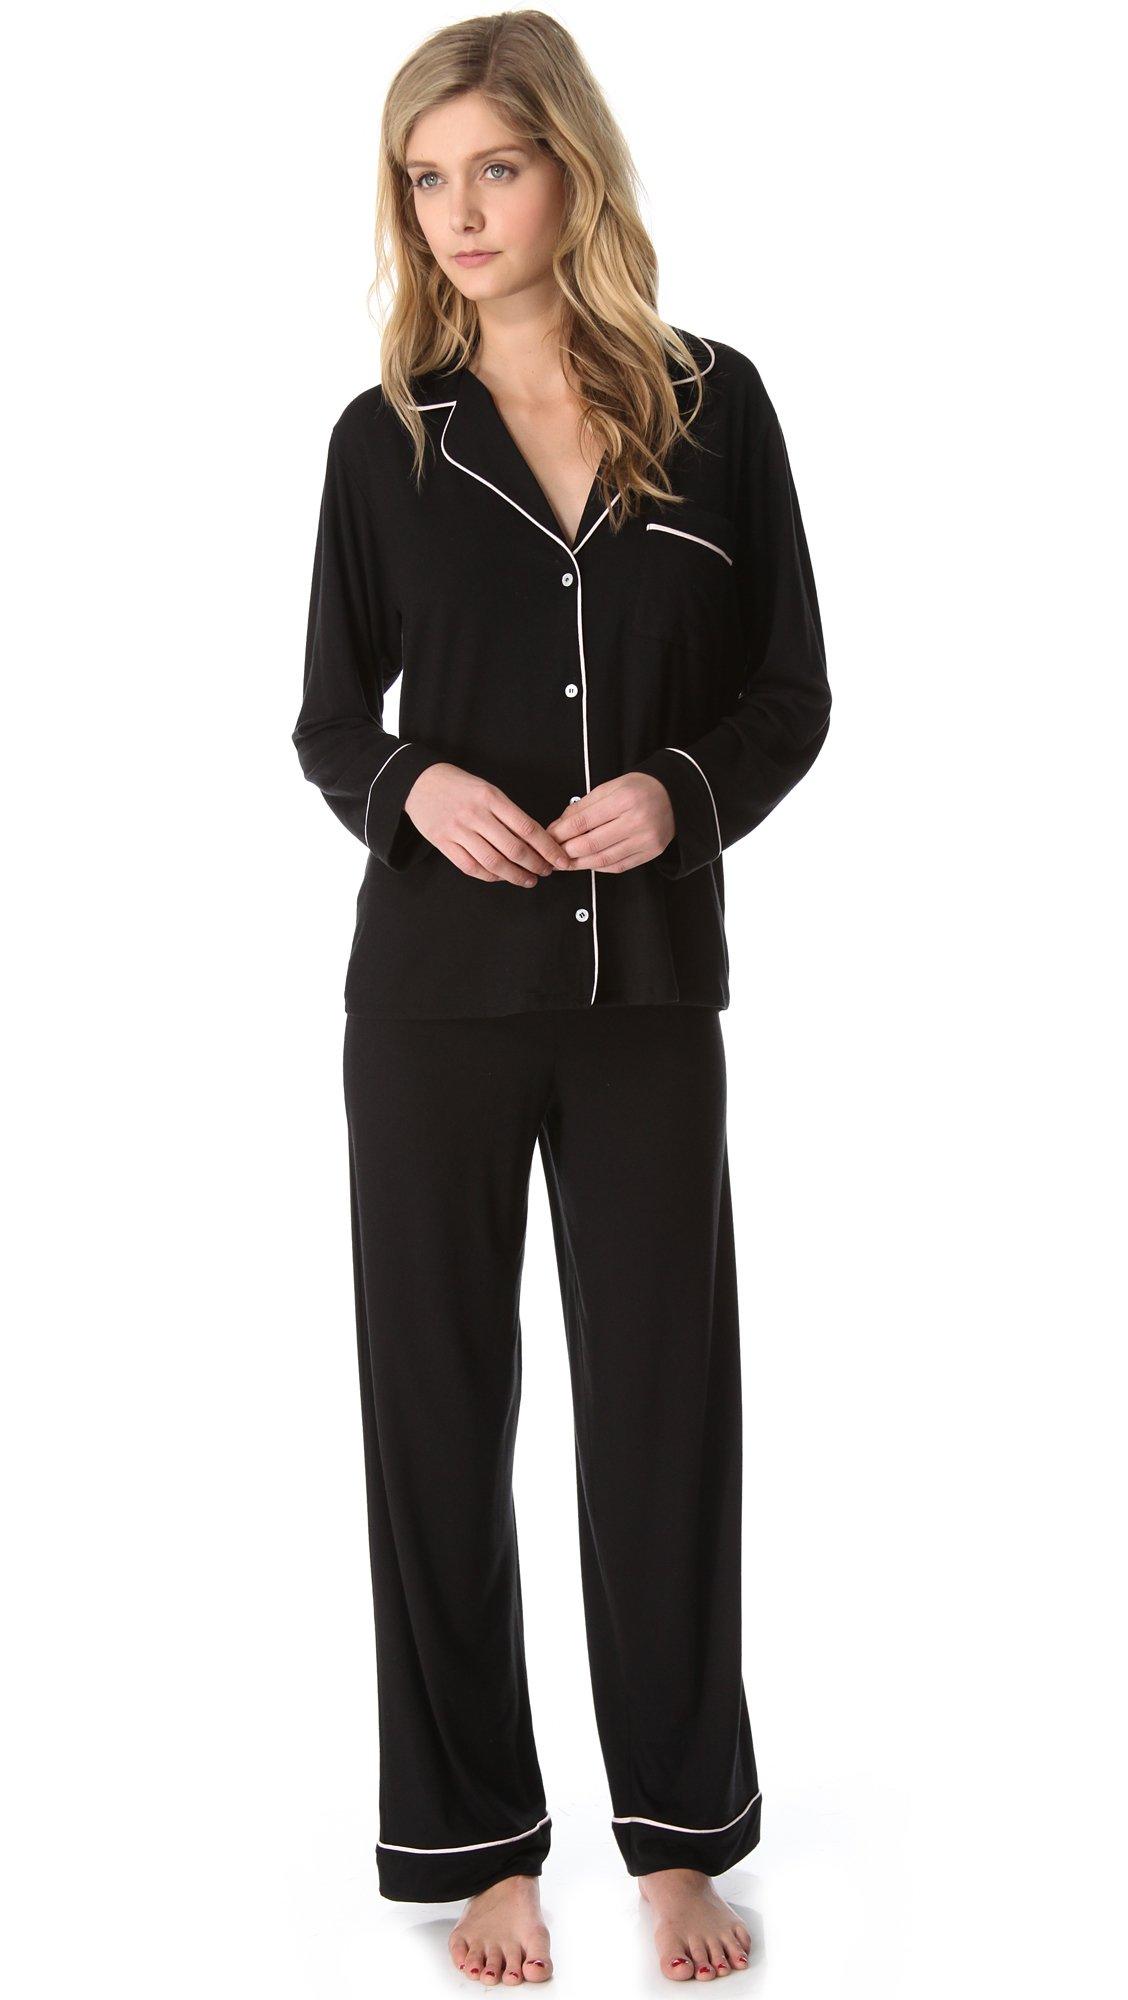 Eberjey Women's Gisele Pajama Set, Black, Medium